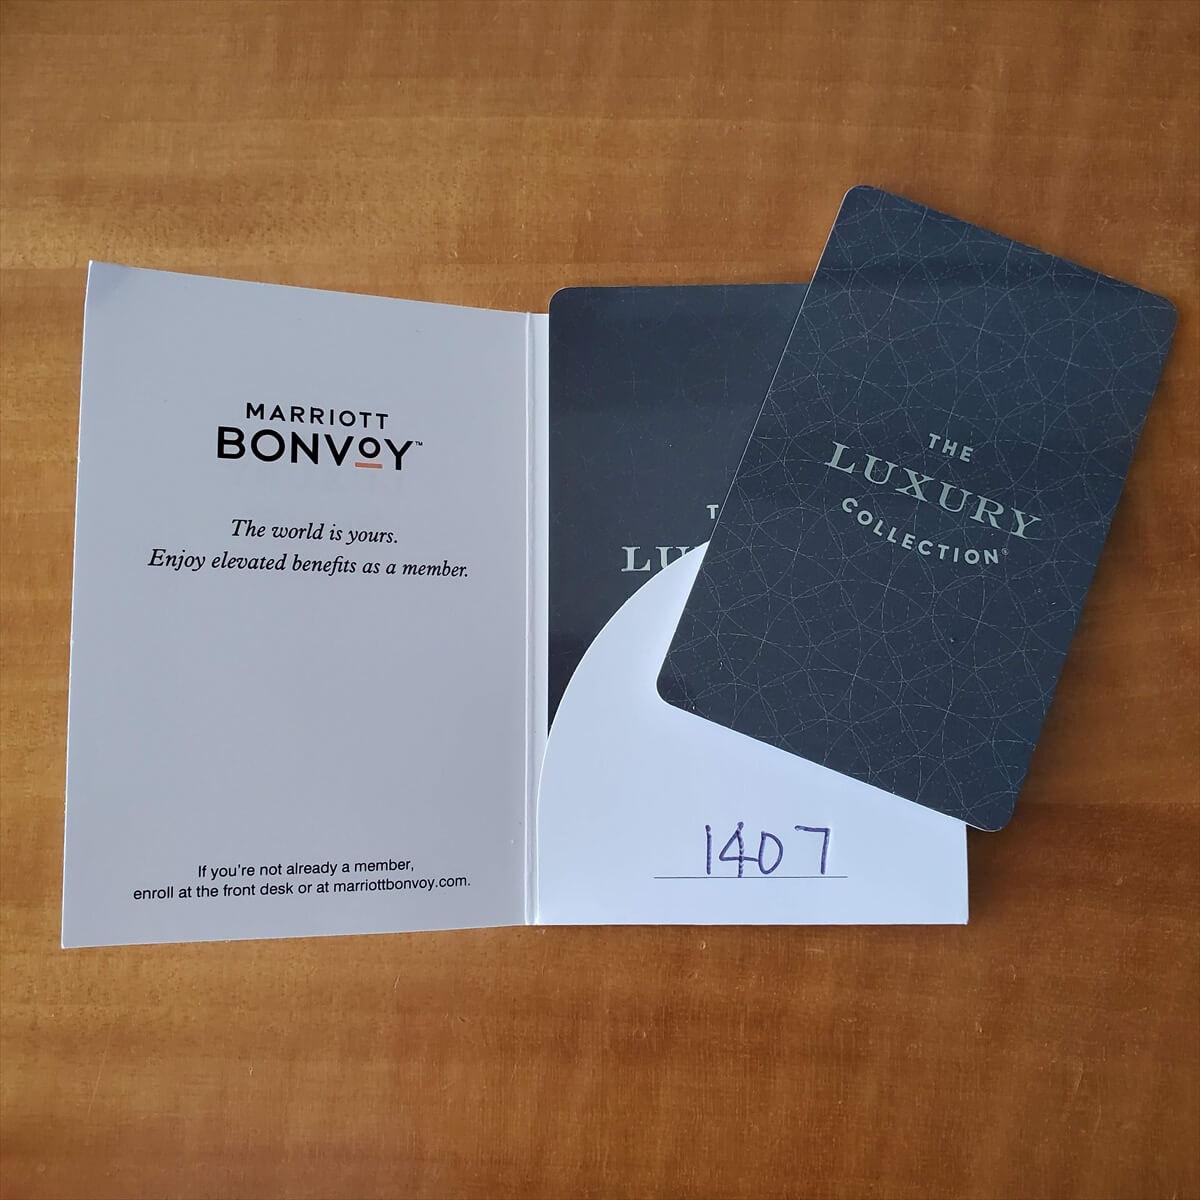 ロイヤルハワイアンホテルはラグジュアリーコレクションブランド